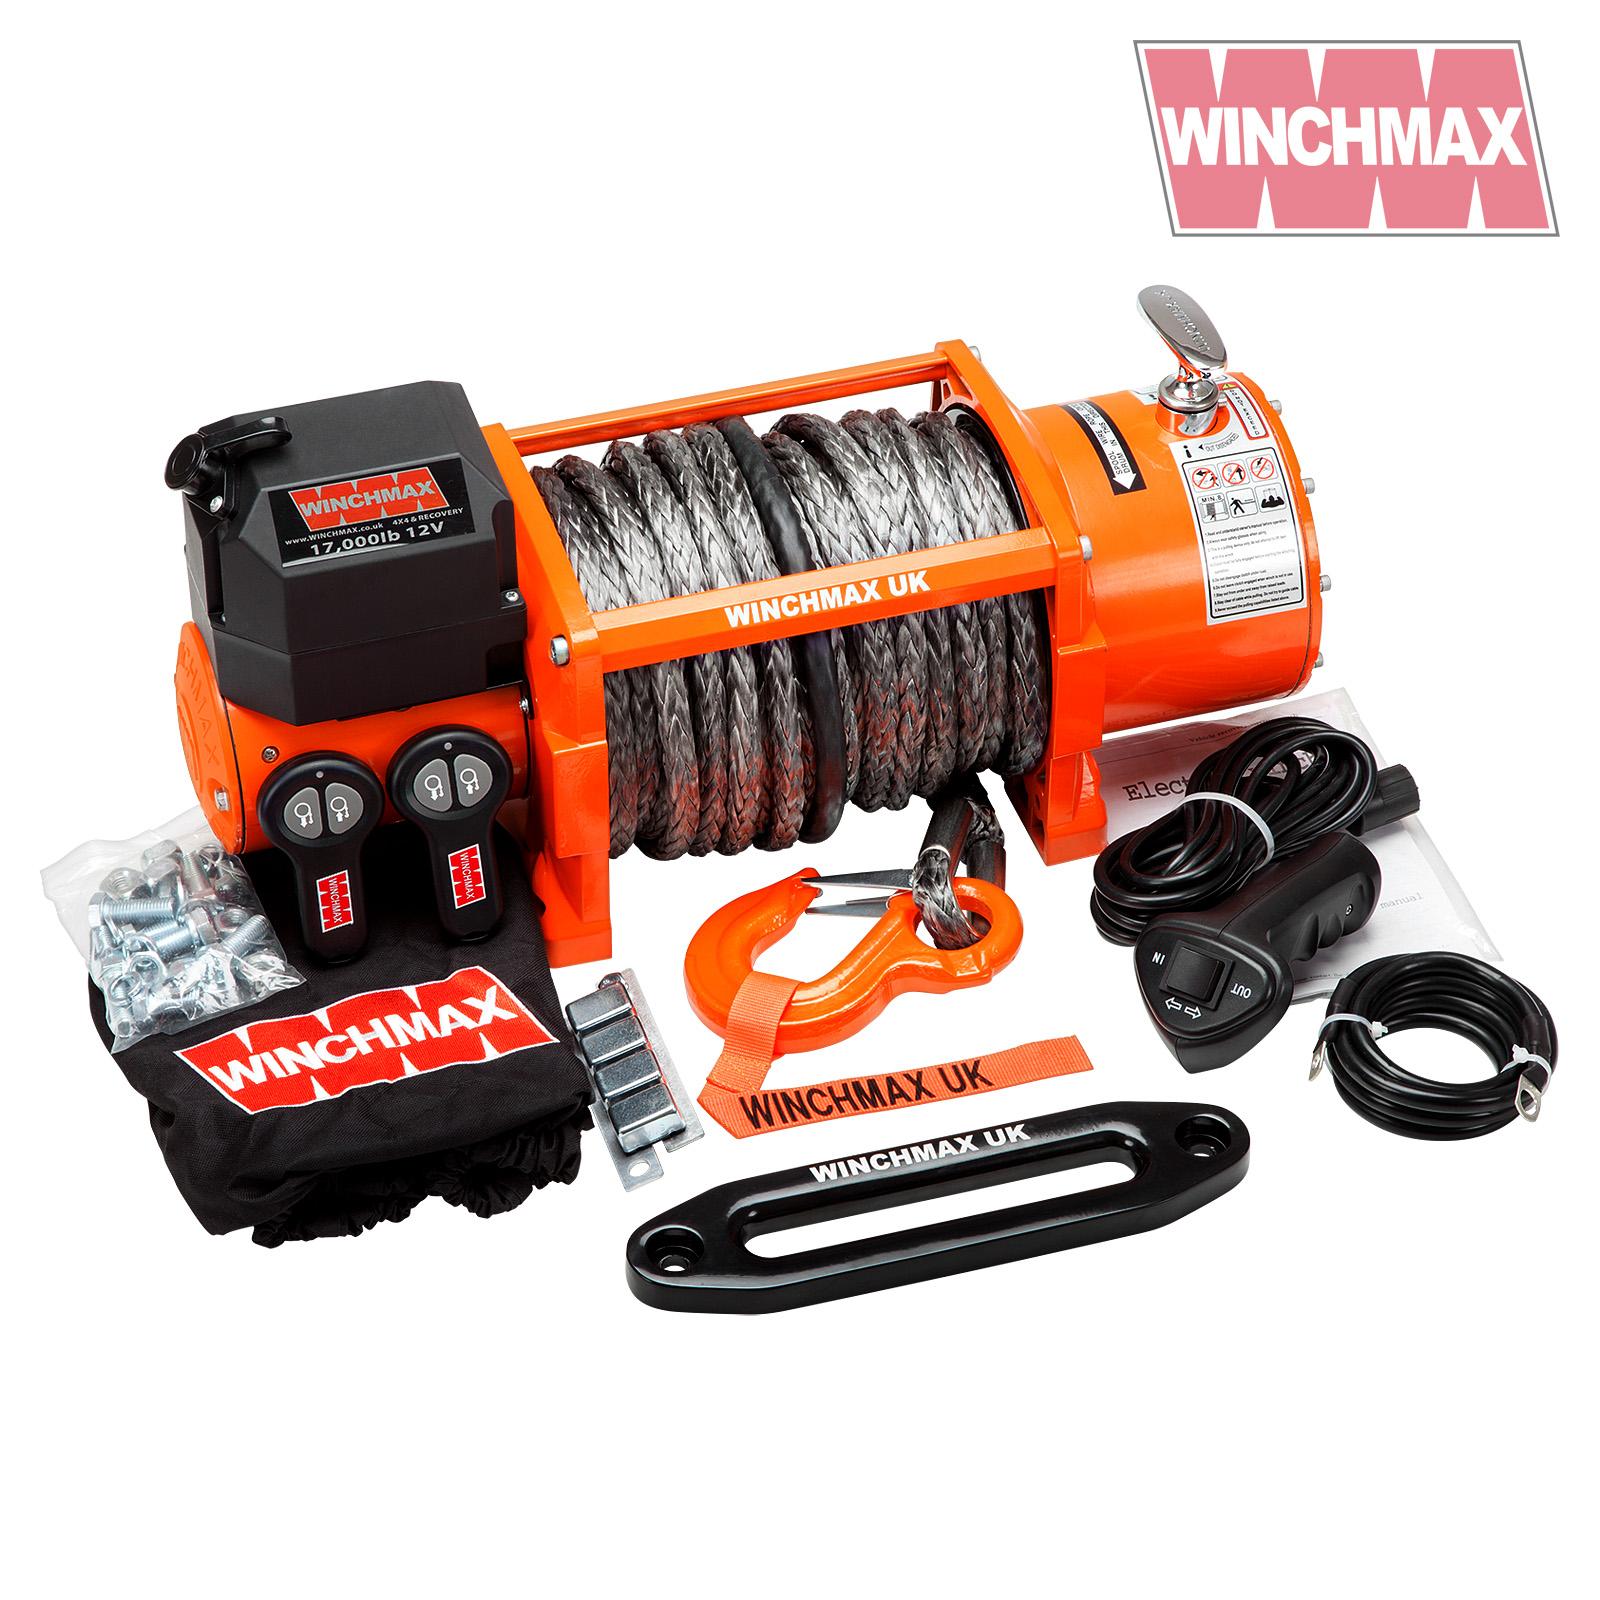 Wm1700012vrs winchmax 056